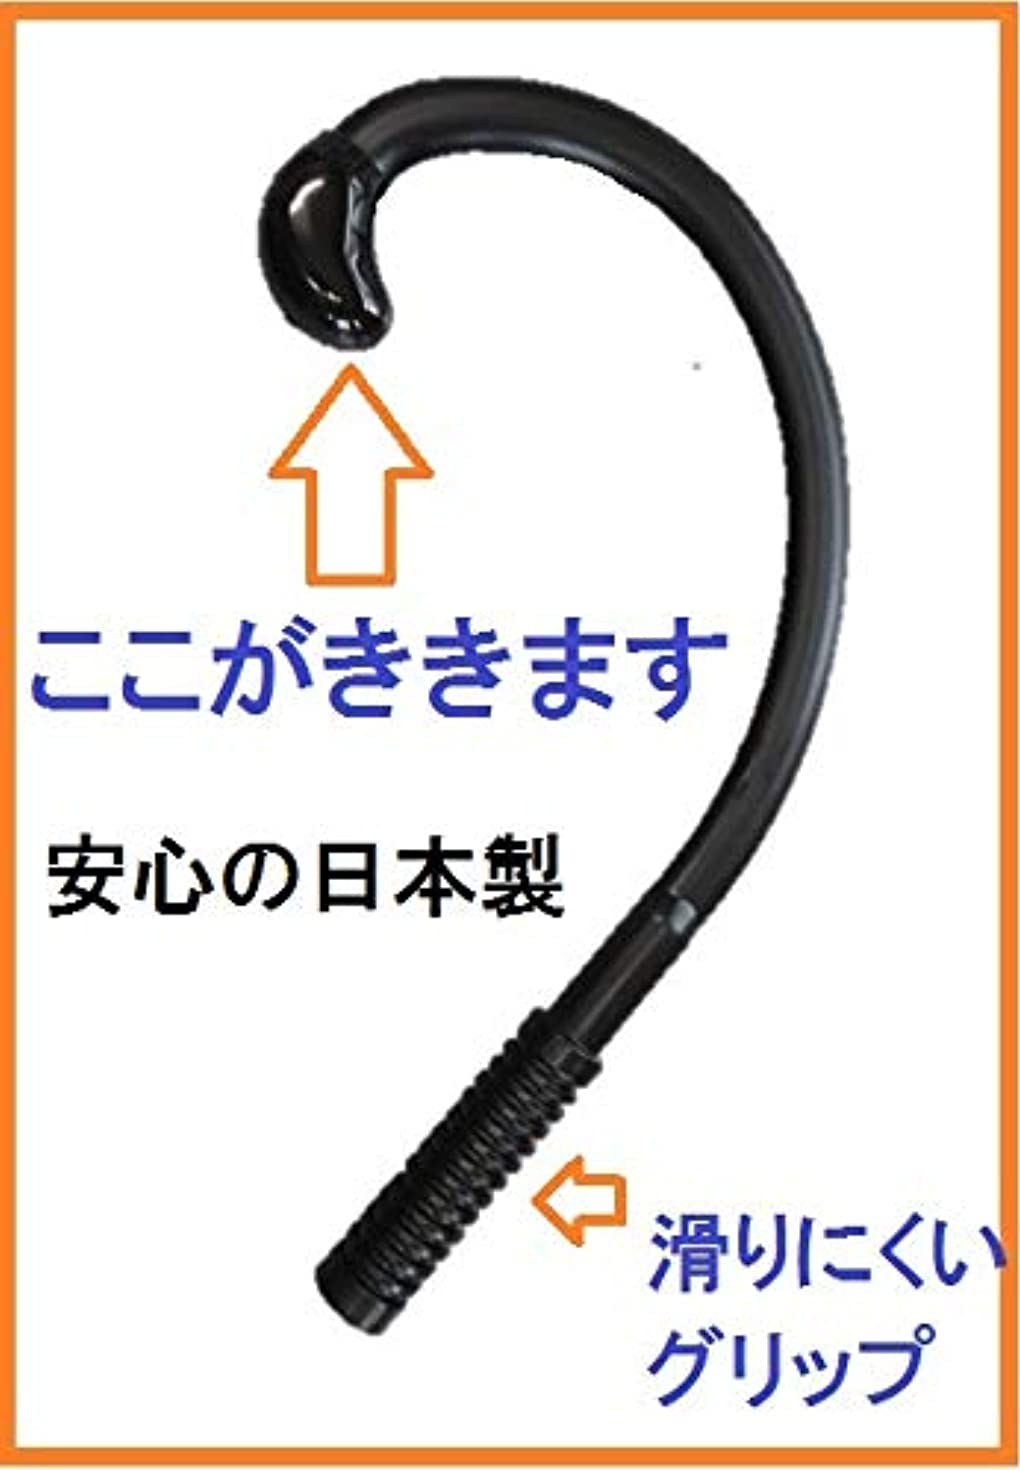 あっしーくん 安心の日本製 アーチ形指圧棒 PIO1273-BK